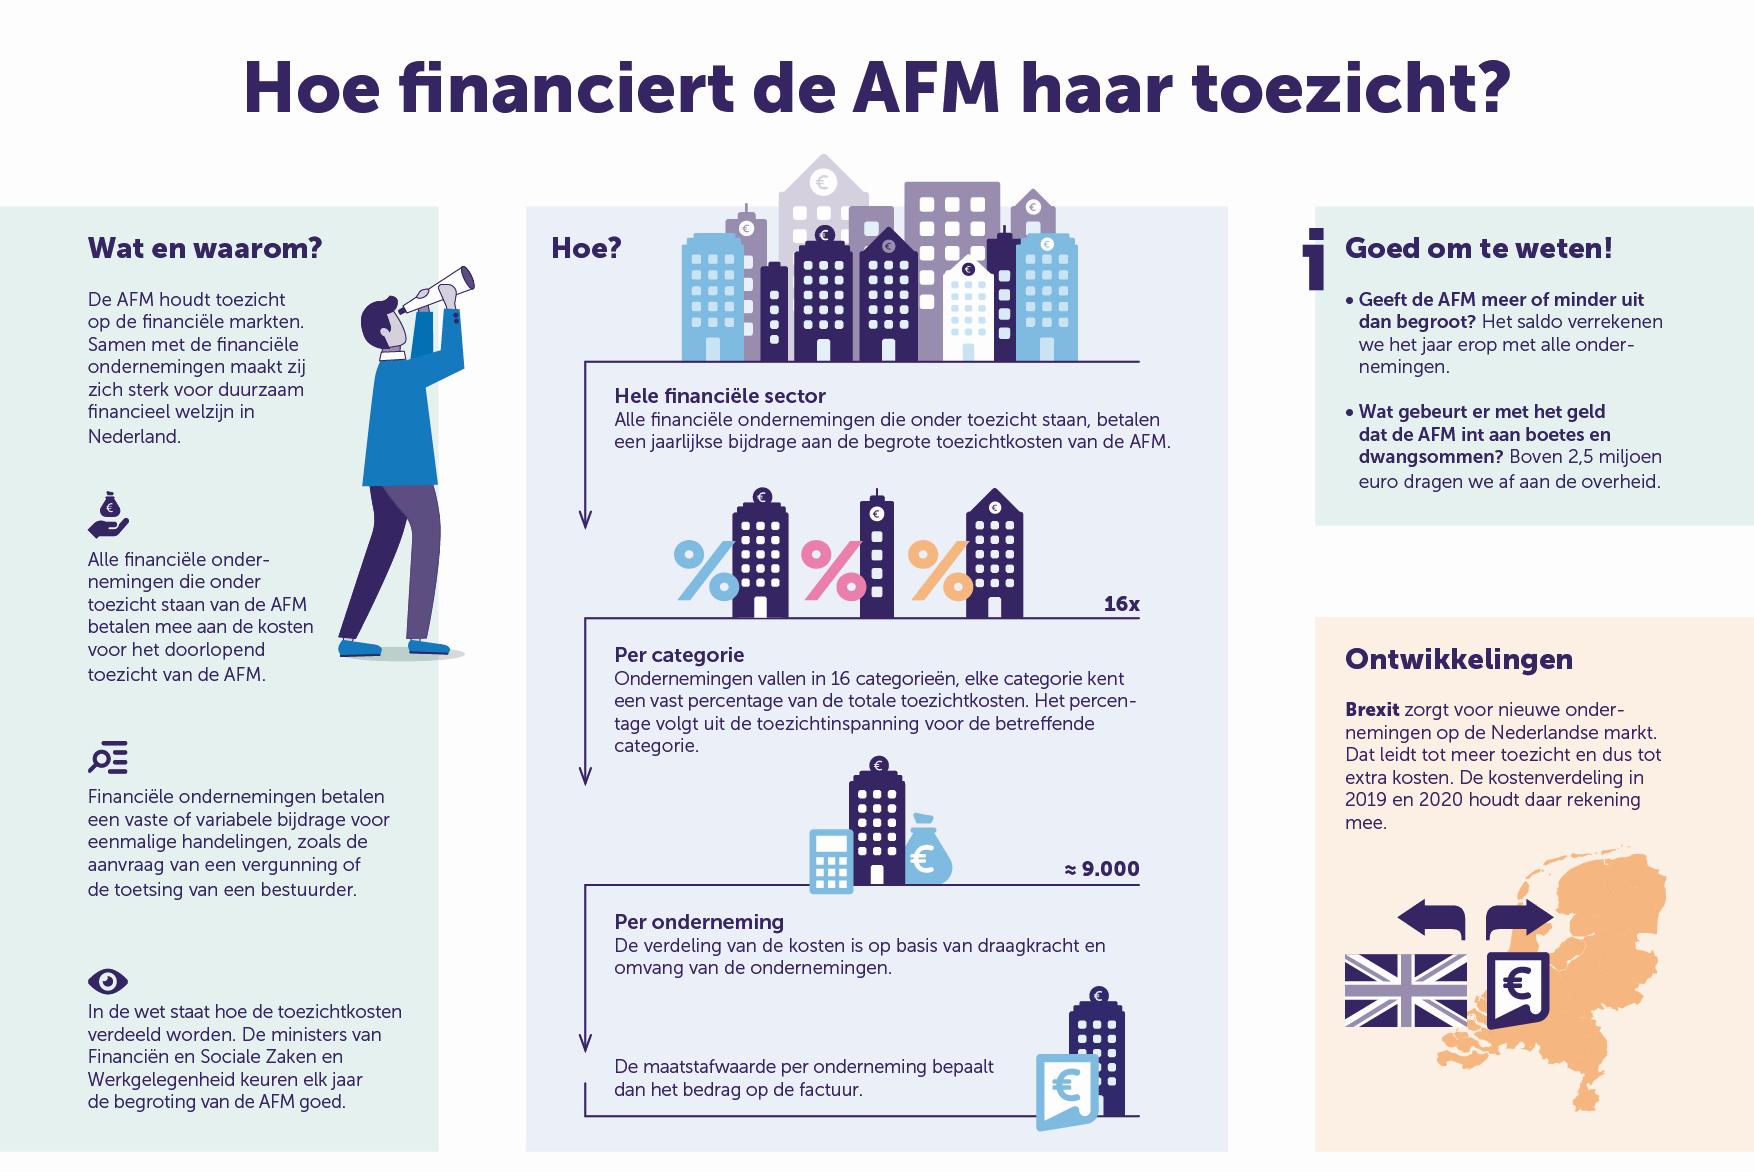 hoe wordt de AFM gefinancierd